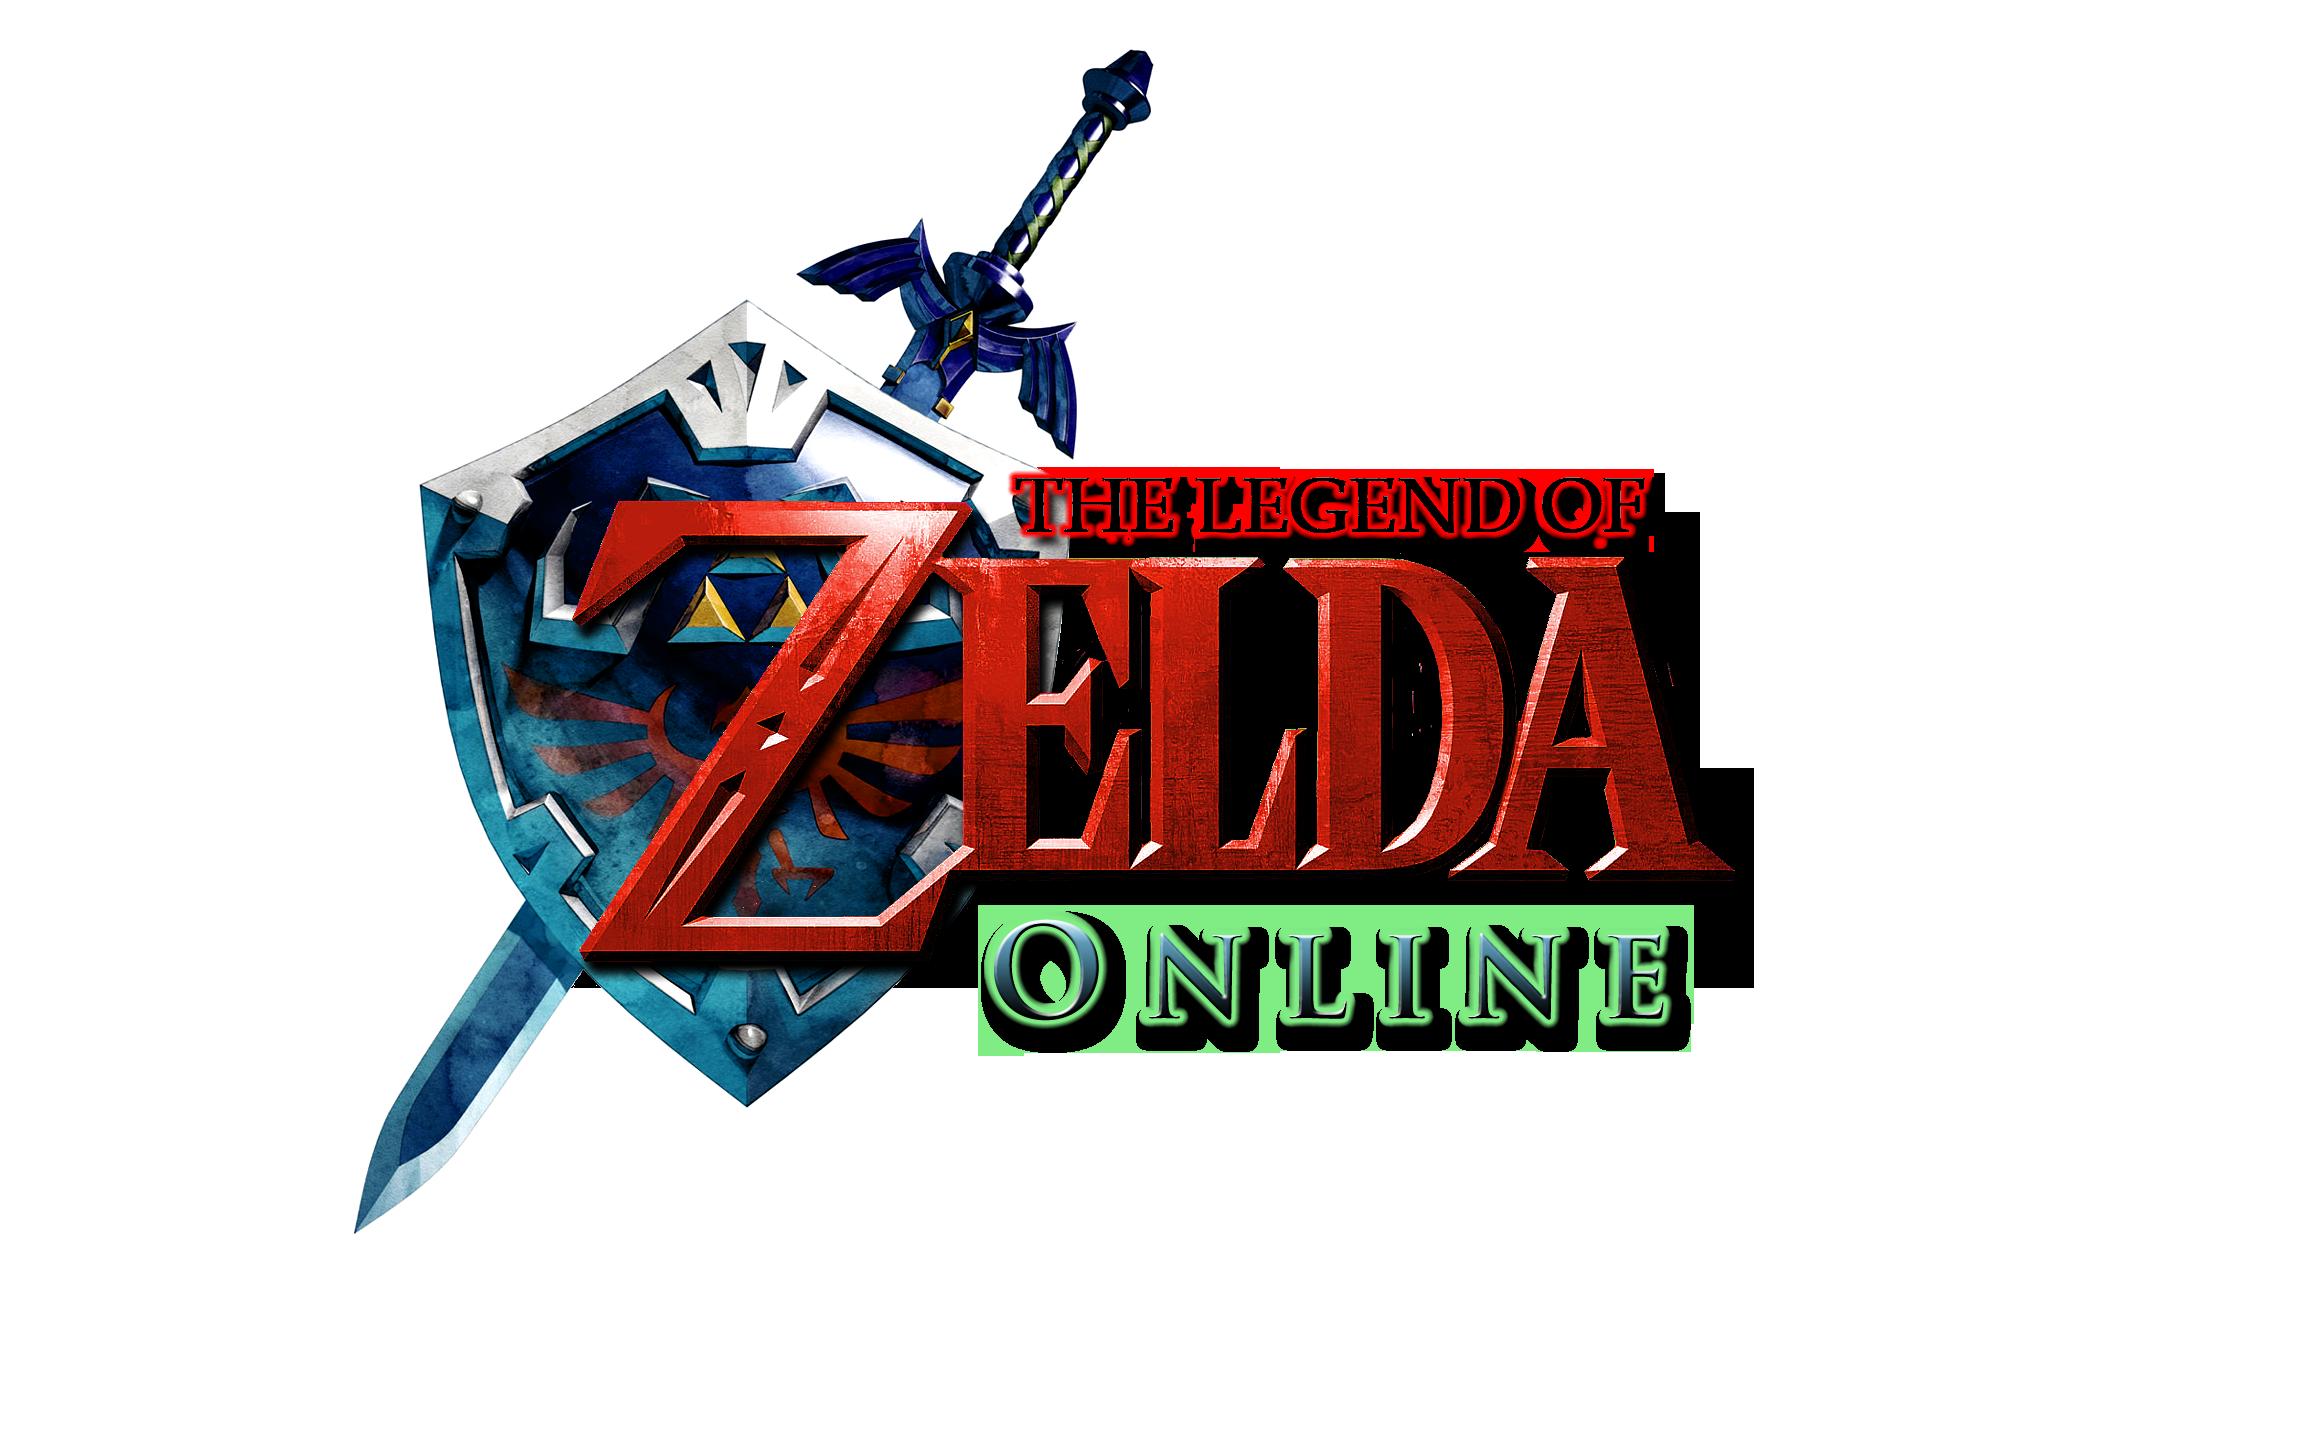 legend of zelda logo png